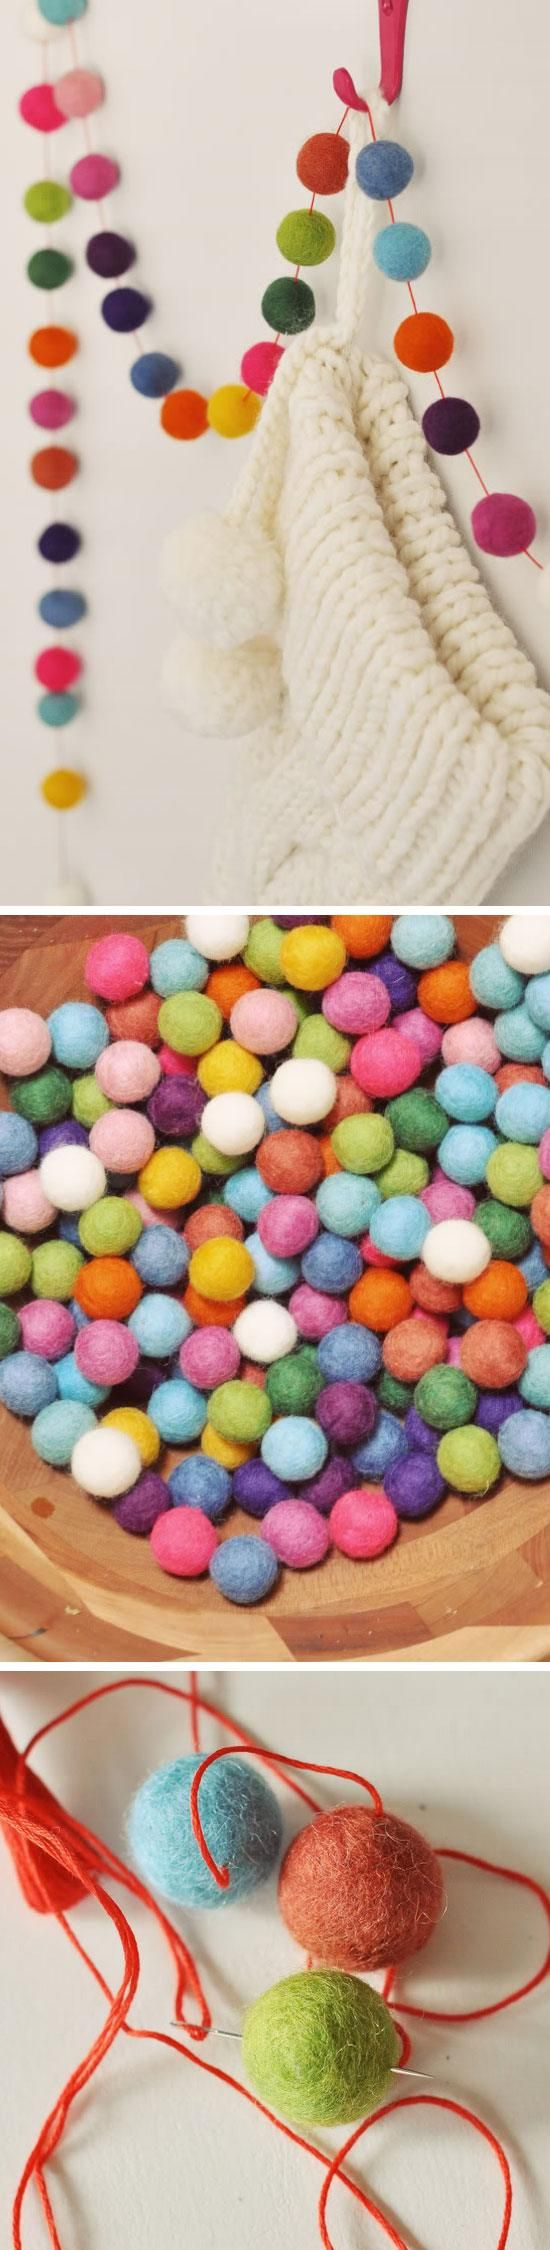 Felt Ball Garland for Christmas   Dollar Store DIY Christmas Decor Ideas on a Budget